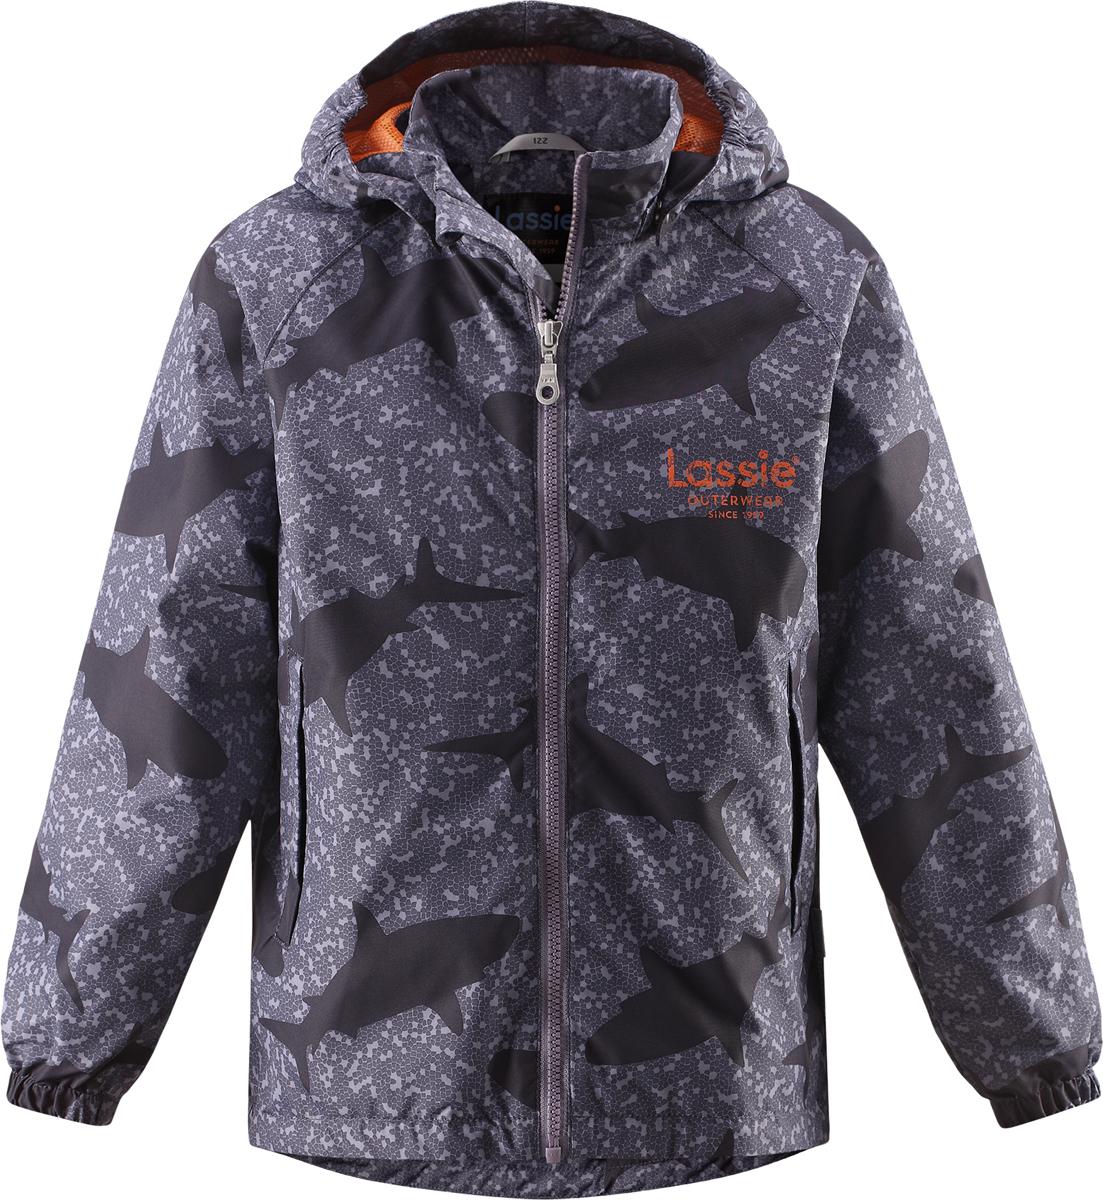 Куртка для мальчика Lassie, цвет: черный, серый. 721705R999. Размер 140721705R999Куртка для мальчика Lassie с легкой степенью утепления изготовлена из ветронепроницаемого, водо- и грязеотталкивающего материала. Куртка прямого кроя с воротником-стойкой и съемным капюшоном застегивается на молнию с защитой подбородка и дополнительно имеет внутреннюю ветрозащитную планку. Капюшон пристегивается к куртке при помощи кнопок. Капюшон по краям и манжеты рукавов присборены на резинки. Спереди расположены два удобных прорезных кармана липучках. Теплая, комфортная и практичная куртка идеально подойдет для прогулок и игр на свежем воздухе!Температурный режим от 0°С до -10°С.